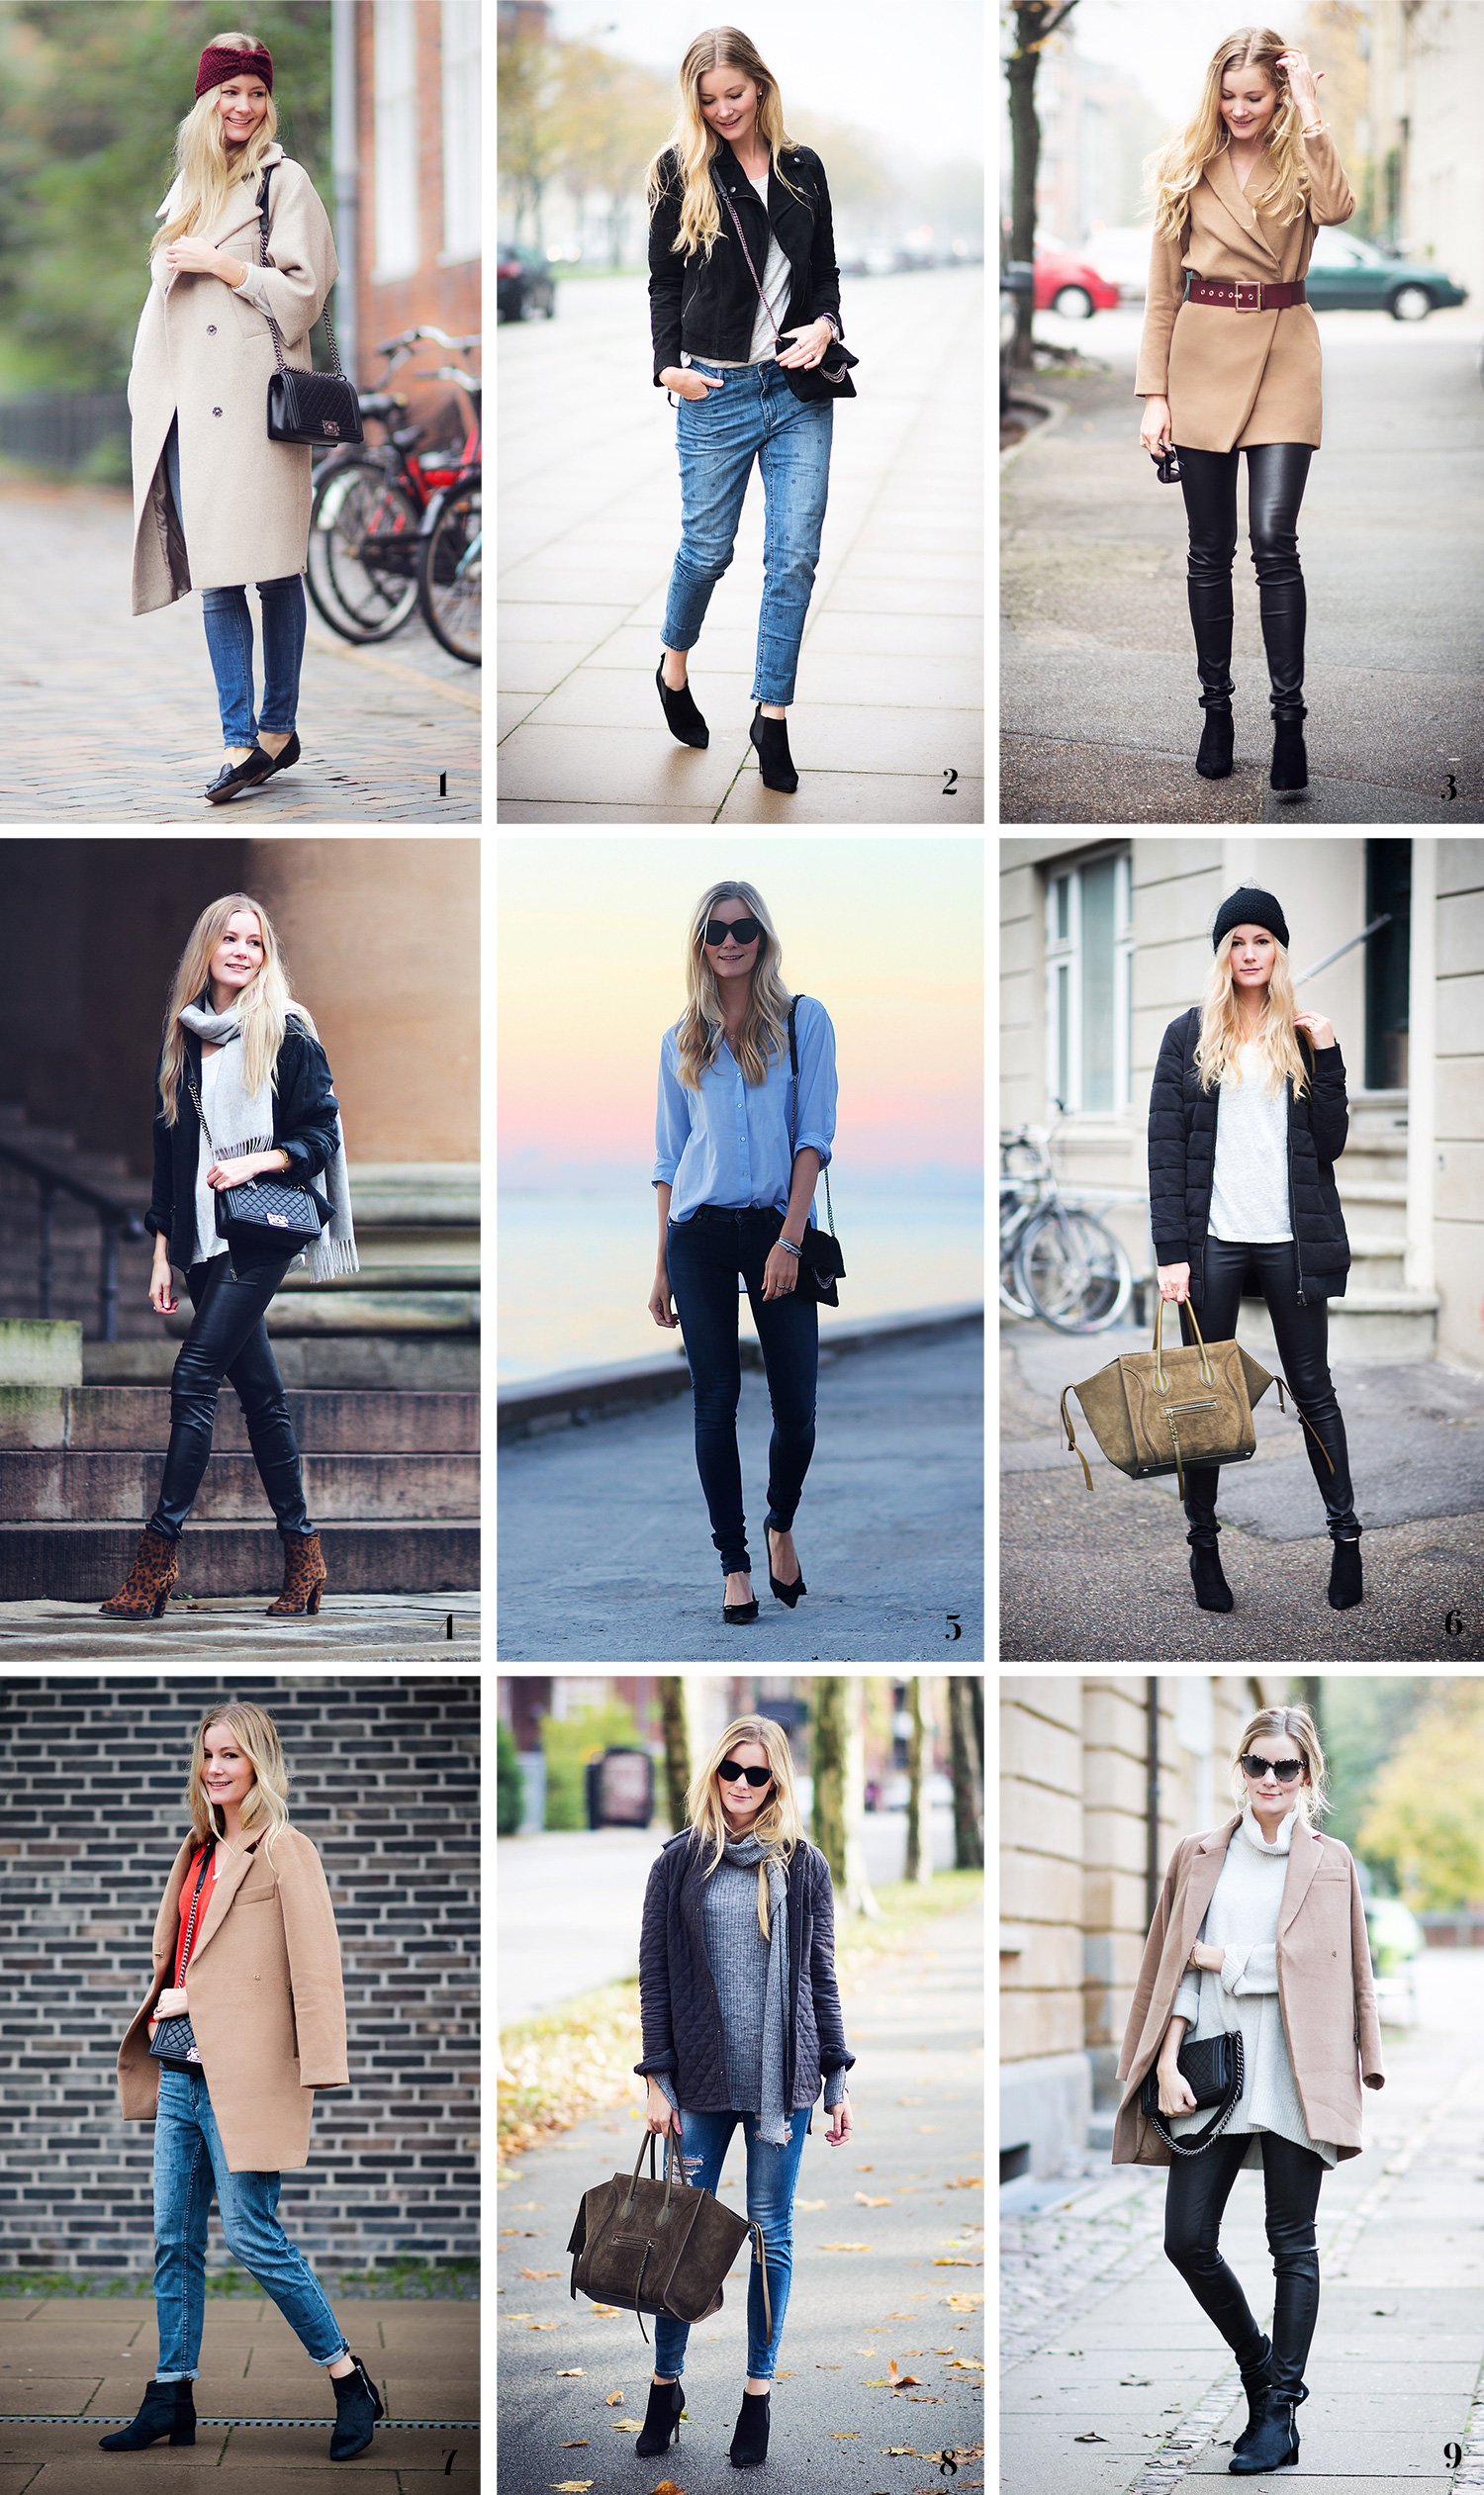 modeblog,-outfits,-tøj,-shopping,-online,-københavn,-billigt,-rabat,-fashion,-jeans@2x